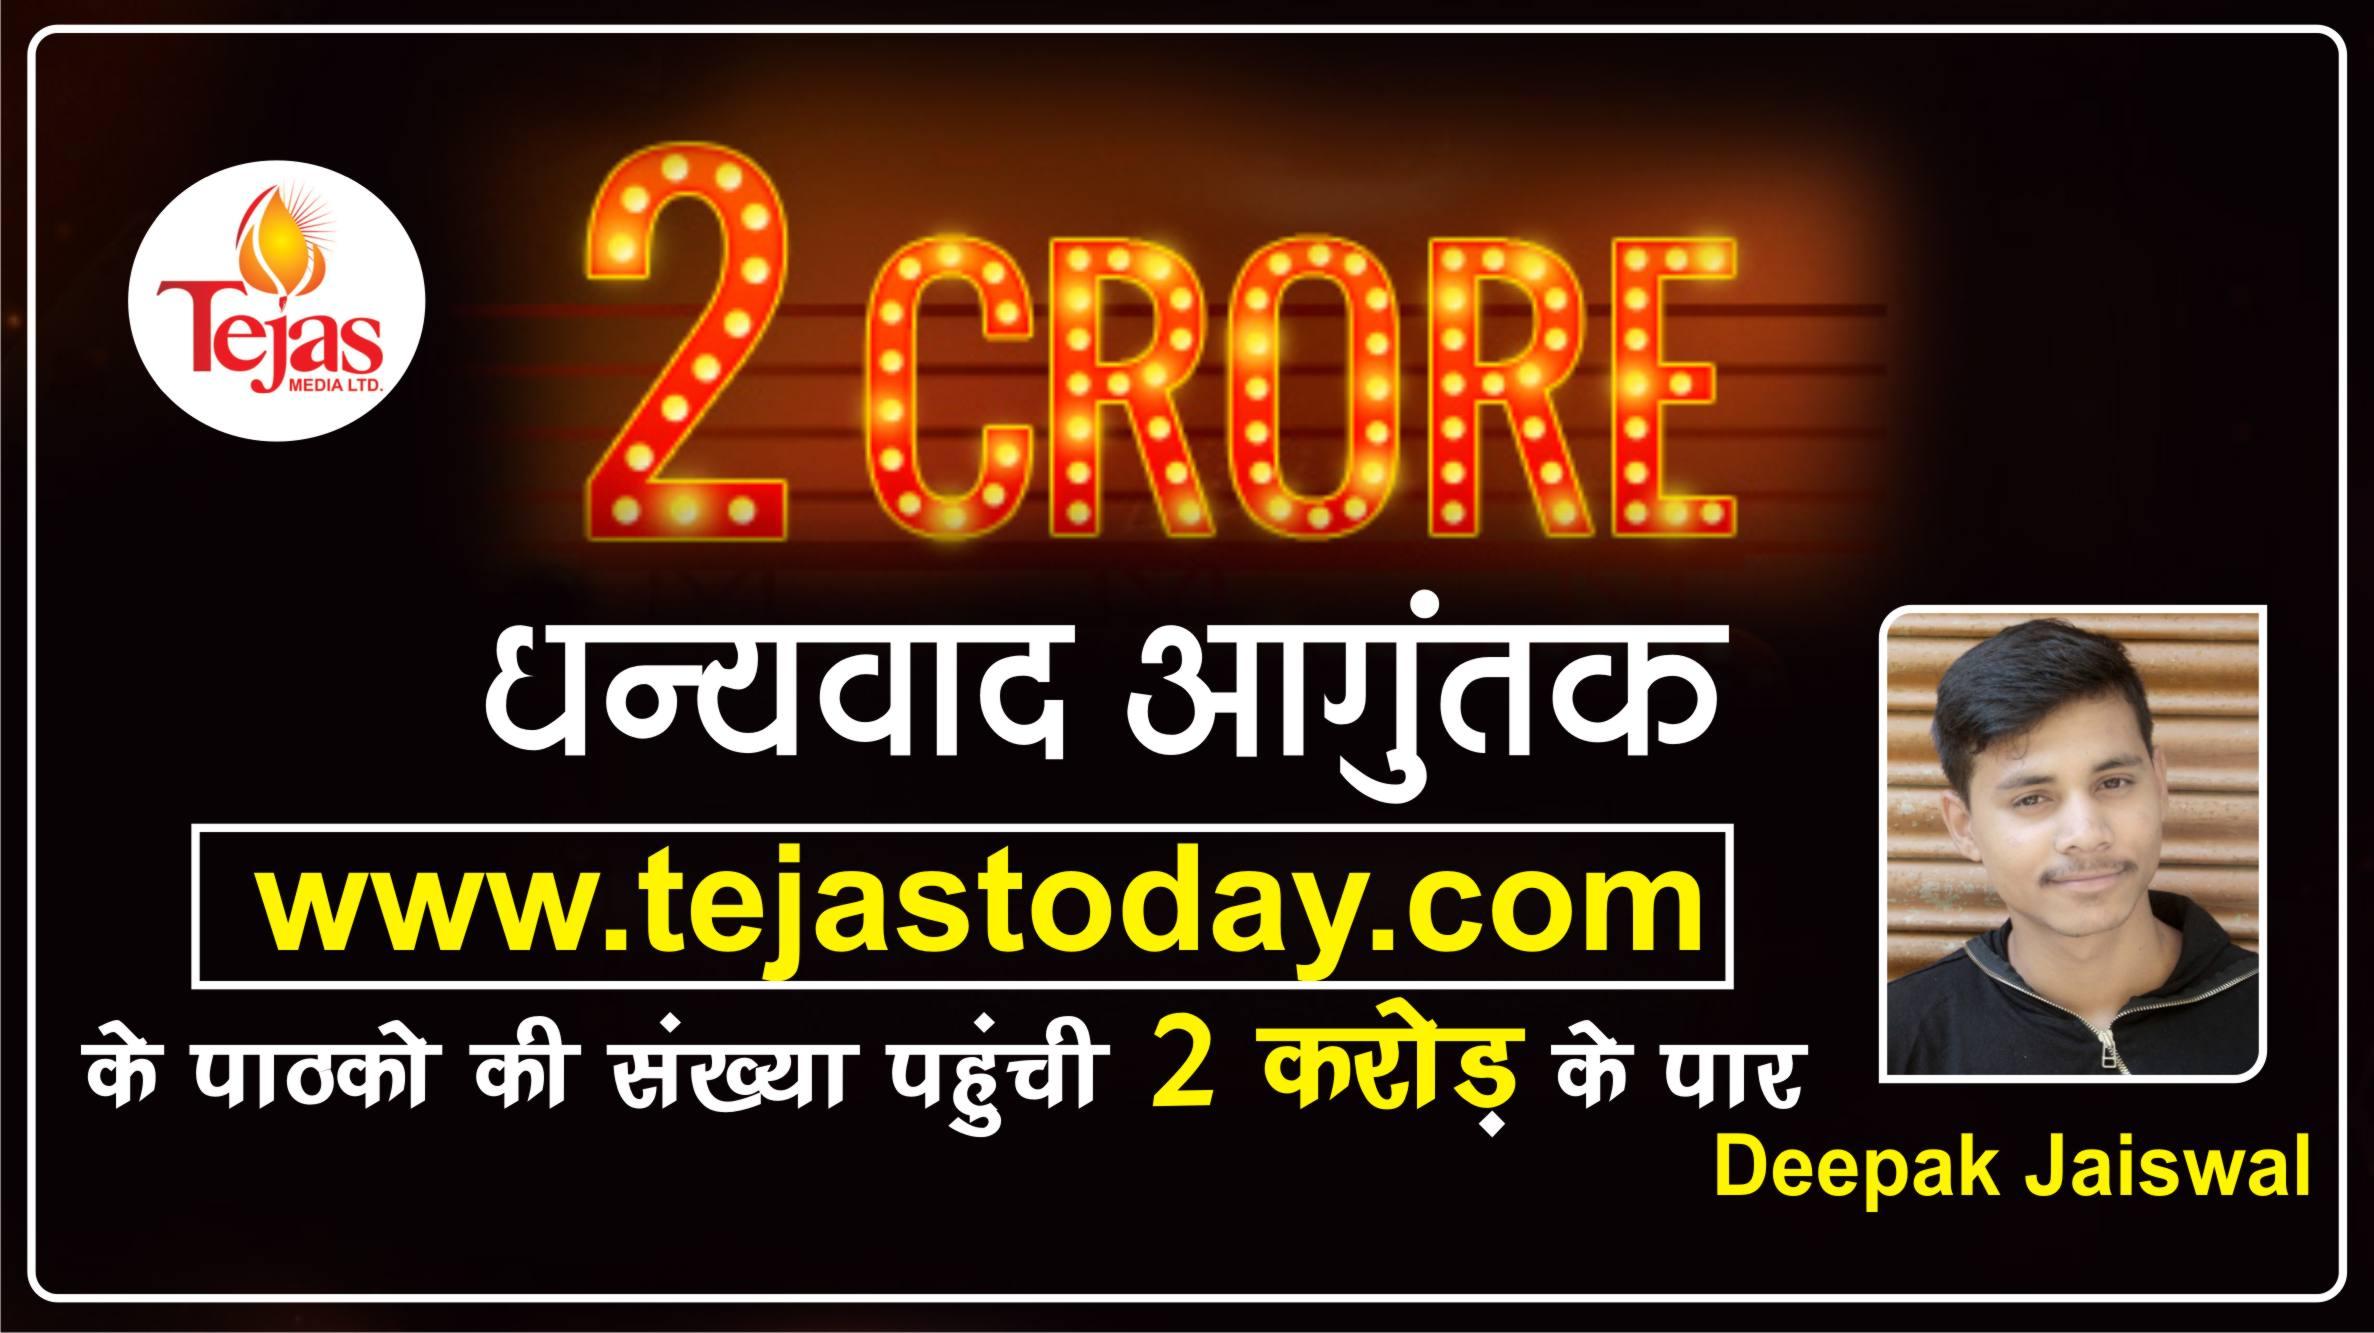 जौनपुर। Google News पर चलने वाला जिले का पहला न्यूज पोर्टल TejasToday.com आप सब के प्यार और सम्मान से अपनी एक अलग पहचान बना लिया है। यही वजह है कि जौनपुर के लोगों का भरपूर प्यार इस पोर्टल को मिला है। TejasToday.com को इस मुकाम तक पहुंचाने में प्रत्यक्ष और अप्रत्यक्ष रूप से आप लोगों अहम भूमिका रही है। आज TejasToday.com की विजिटर संख्या 2 करोड़ हो गया है। इस पोर्टल के संचालन होने के नाते मै Deepak Jaiswal आप सबका तहे दिल से शुक्रिया अदा करता हूं, और साथ ही TejasToday.com को इस मुकाम तक पहुंचाने पर हमारे पूज्यनीय मामा जी तेजस टूडे समाचार पत्र के सम्पादक और समूह सम्पादक रामजी जायसवाल की अहम भूमिका रही है मै उनको भी धन्यवाद देता हूं। जो मुझे और आपके TejasToday.com को बहुत ही सर्पोट करके आप सबके बीच लाकर खड़ा किये है। गौरतलब हो कि इस पोर्टल की शुरूआत वर्ष 2018 में हुई थी और आज आप सबके भरपूर प्यार और सम्मान से TejasToday.com न्यूज पोर्टल के 2 करोड़ विजिटर हो गये है। आपको बताते चले कि TejasToday.com न्यूज पोर्टल के प्रतिदिन के विजिटर लगभग 1.50 है। ये आपका अपना TejasToday.com न्यूज पोर्टल सिर्फ जौनपुर ही नहीं बल्कि सम्पूर्ण भारत के अलावा विदेशों में भी लोग देखते है। आप सबके प्यार और सम्मान ने मुझे इस मुकाम पर पहुंचाया है और यह न्यूज पोर्टल आपका अपना है आप इस तरह अपना प्यार देते रहिए। आपका छोटा भाई Deepak Jaiswal धन्यवाद